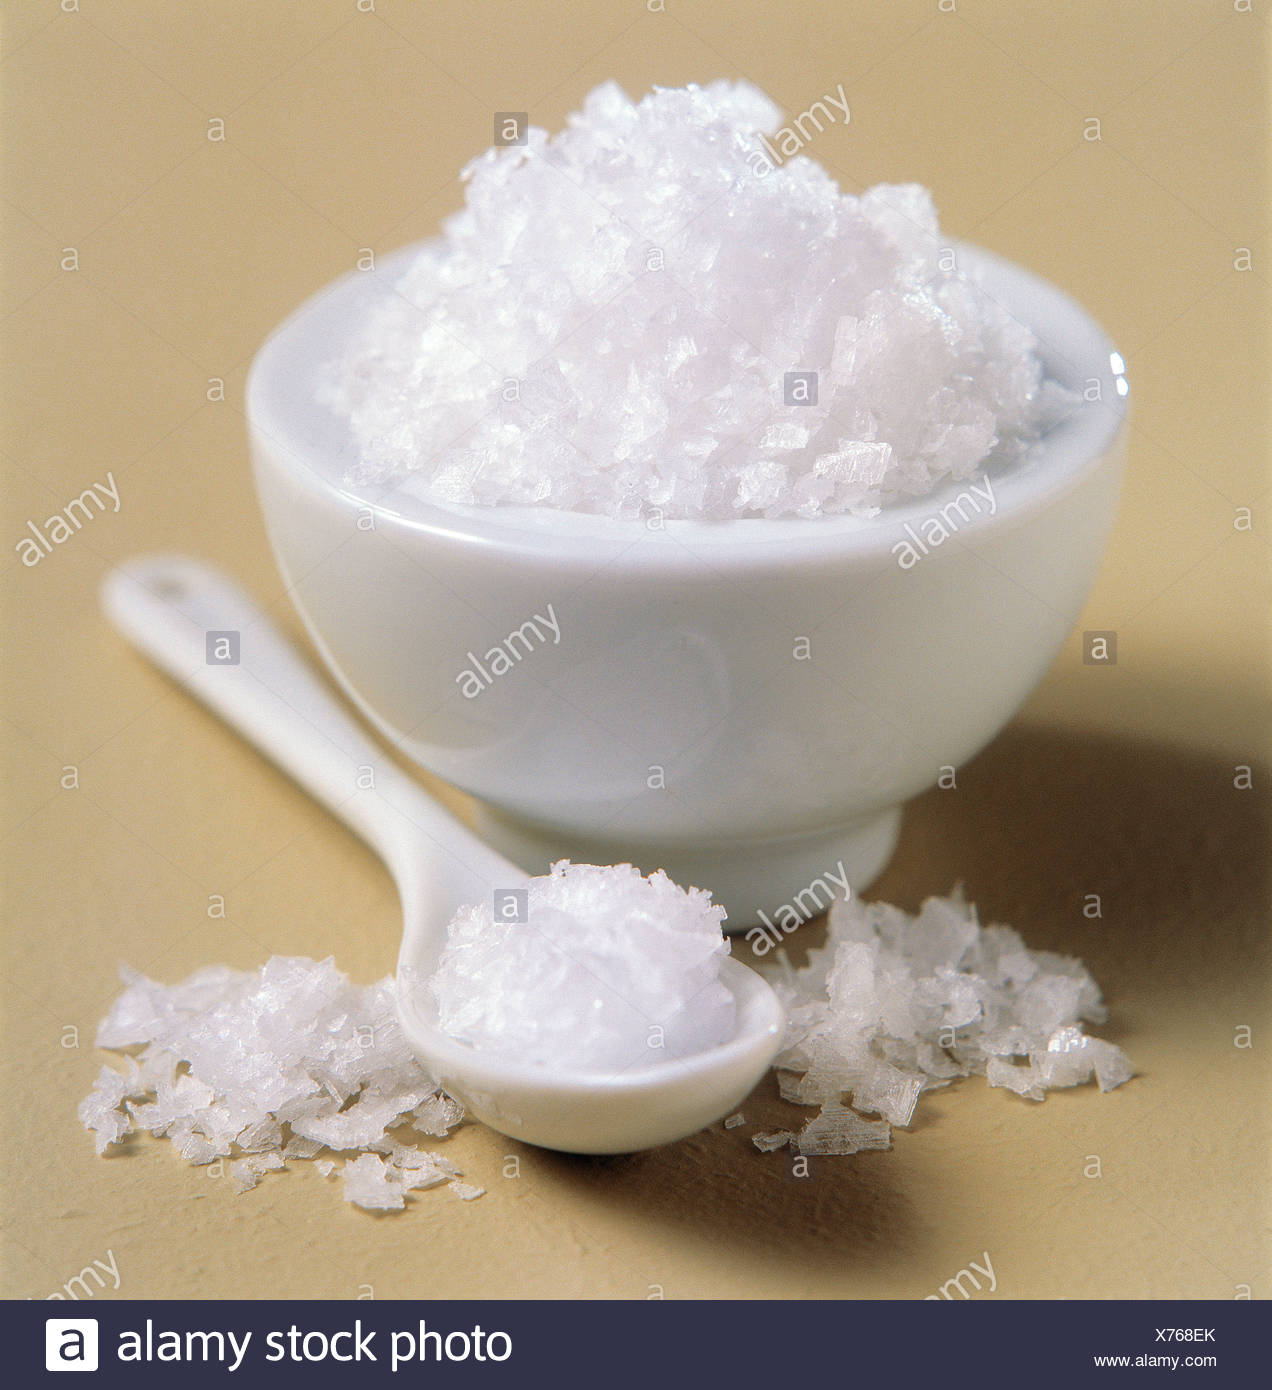 Fleur de sel sea salt - Stock Image